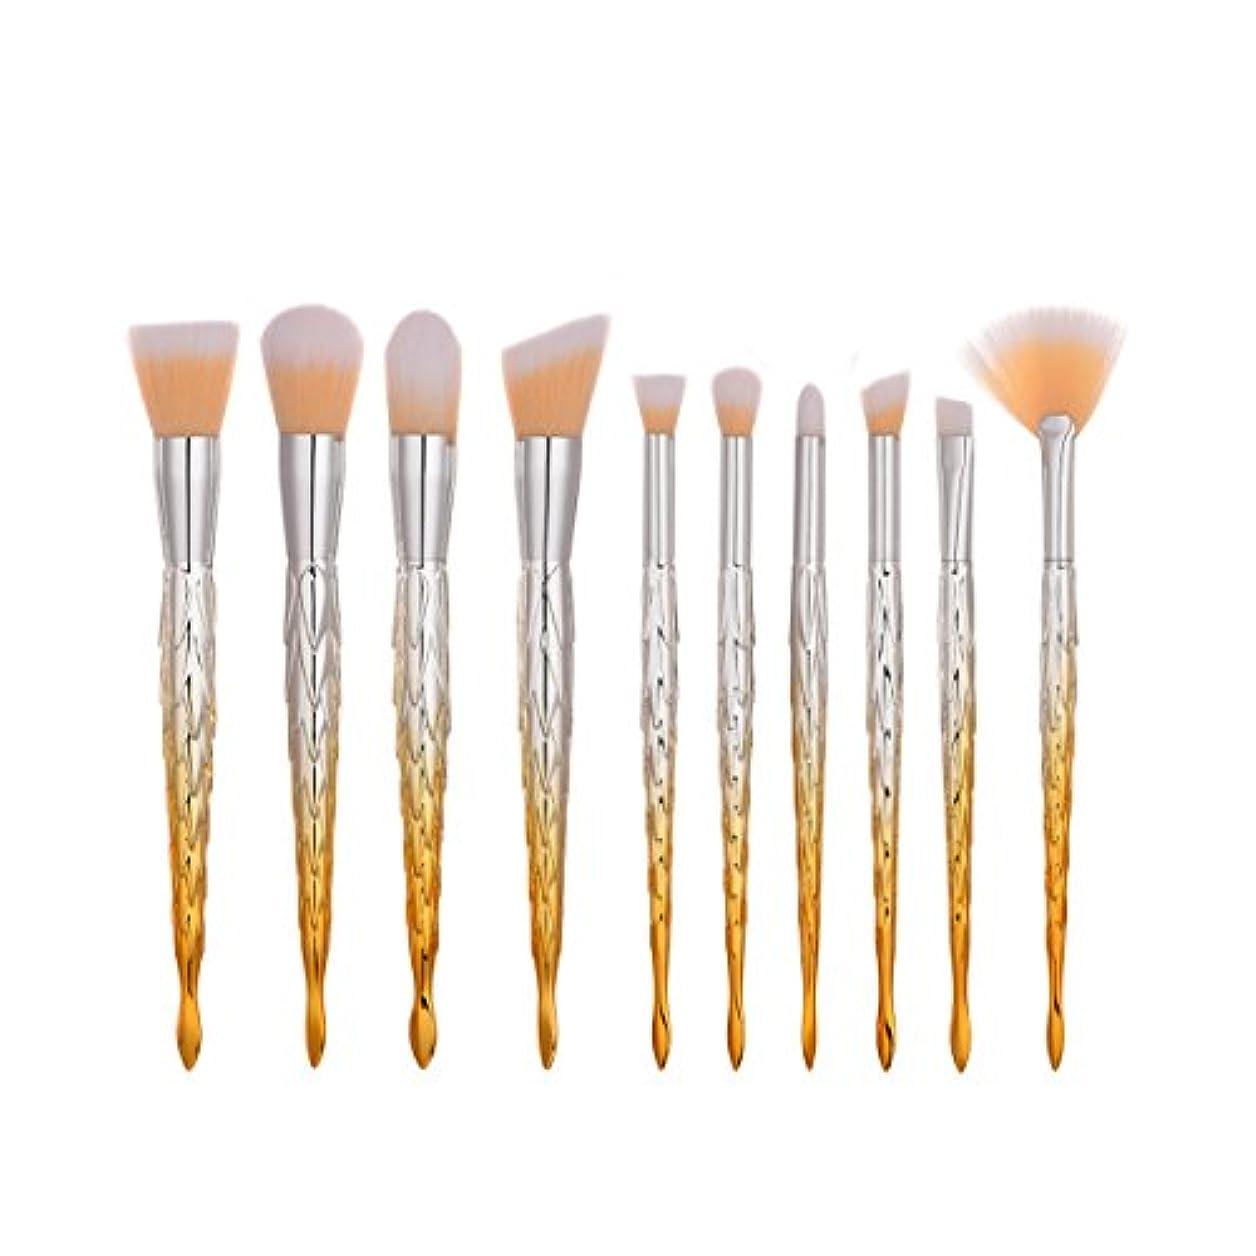 人質リム修理可能ディラビューティー(Dilla Beauty) 10本セットカラフルなマーメイドメイクブラシセットプラスチックハンドル魚ブラシプロフェッショナルフェイスメイクアップブレンダースポンジパフブラシユニークなレインボーブラシ、ティーンズガールズ女性のための格安プライム (オレンジ - ホワイト)